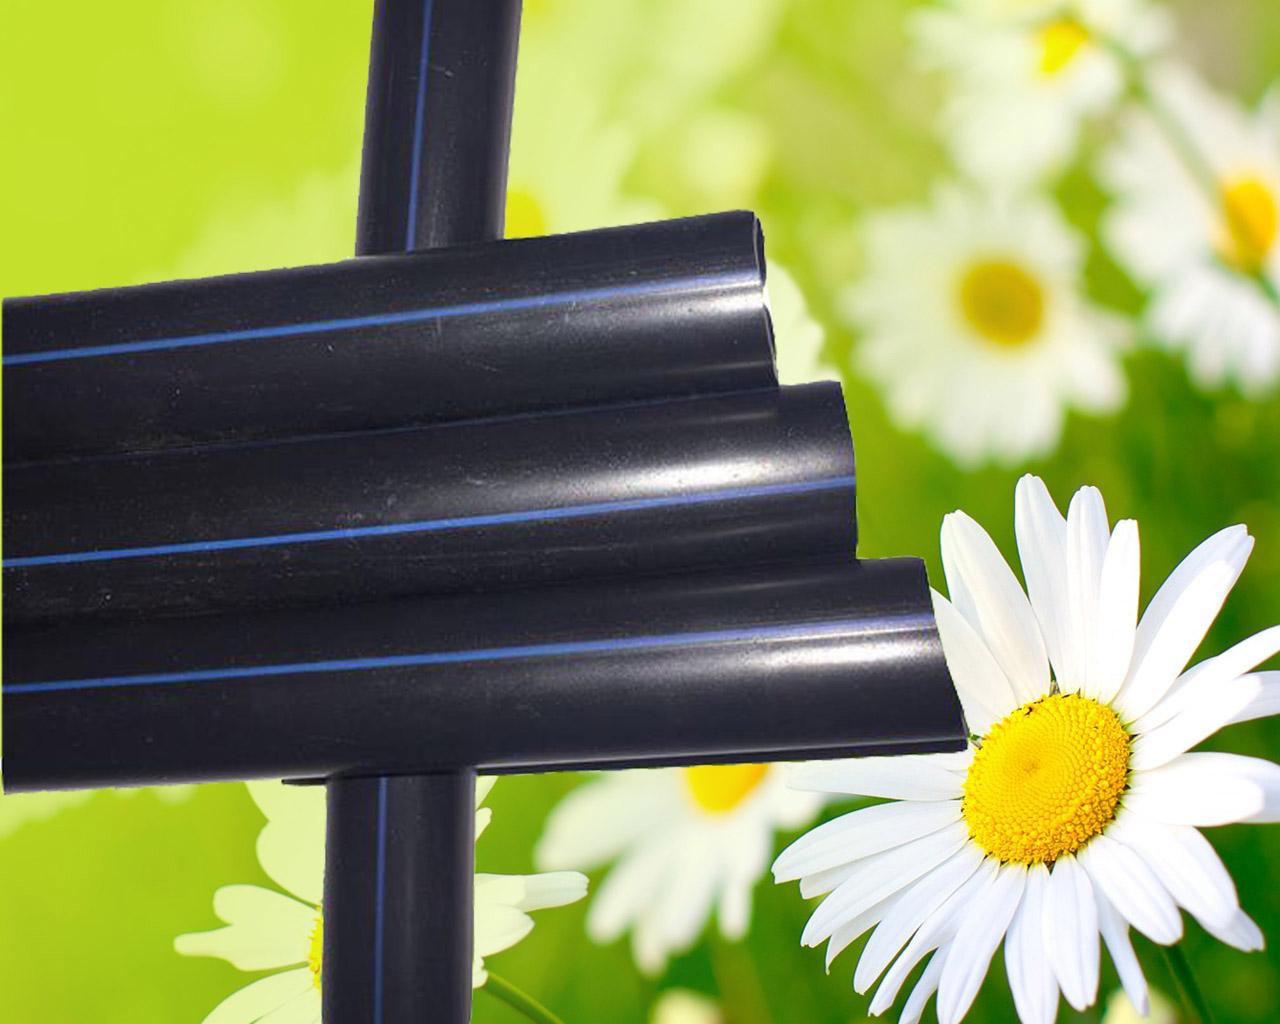 滴灌管材PE管PVC管泽雨 滴灌管材PE管PVC管泽雨水枪